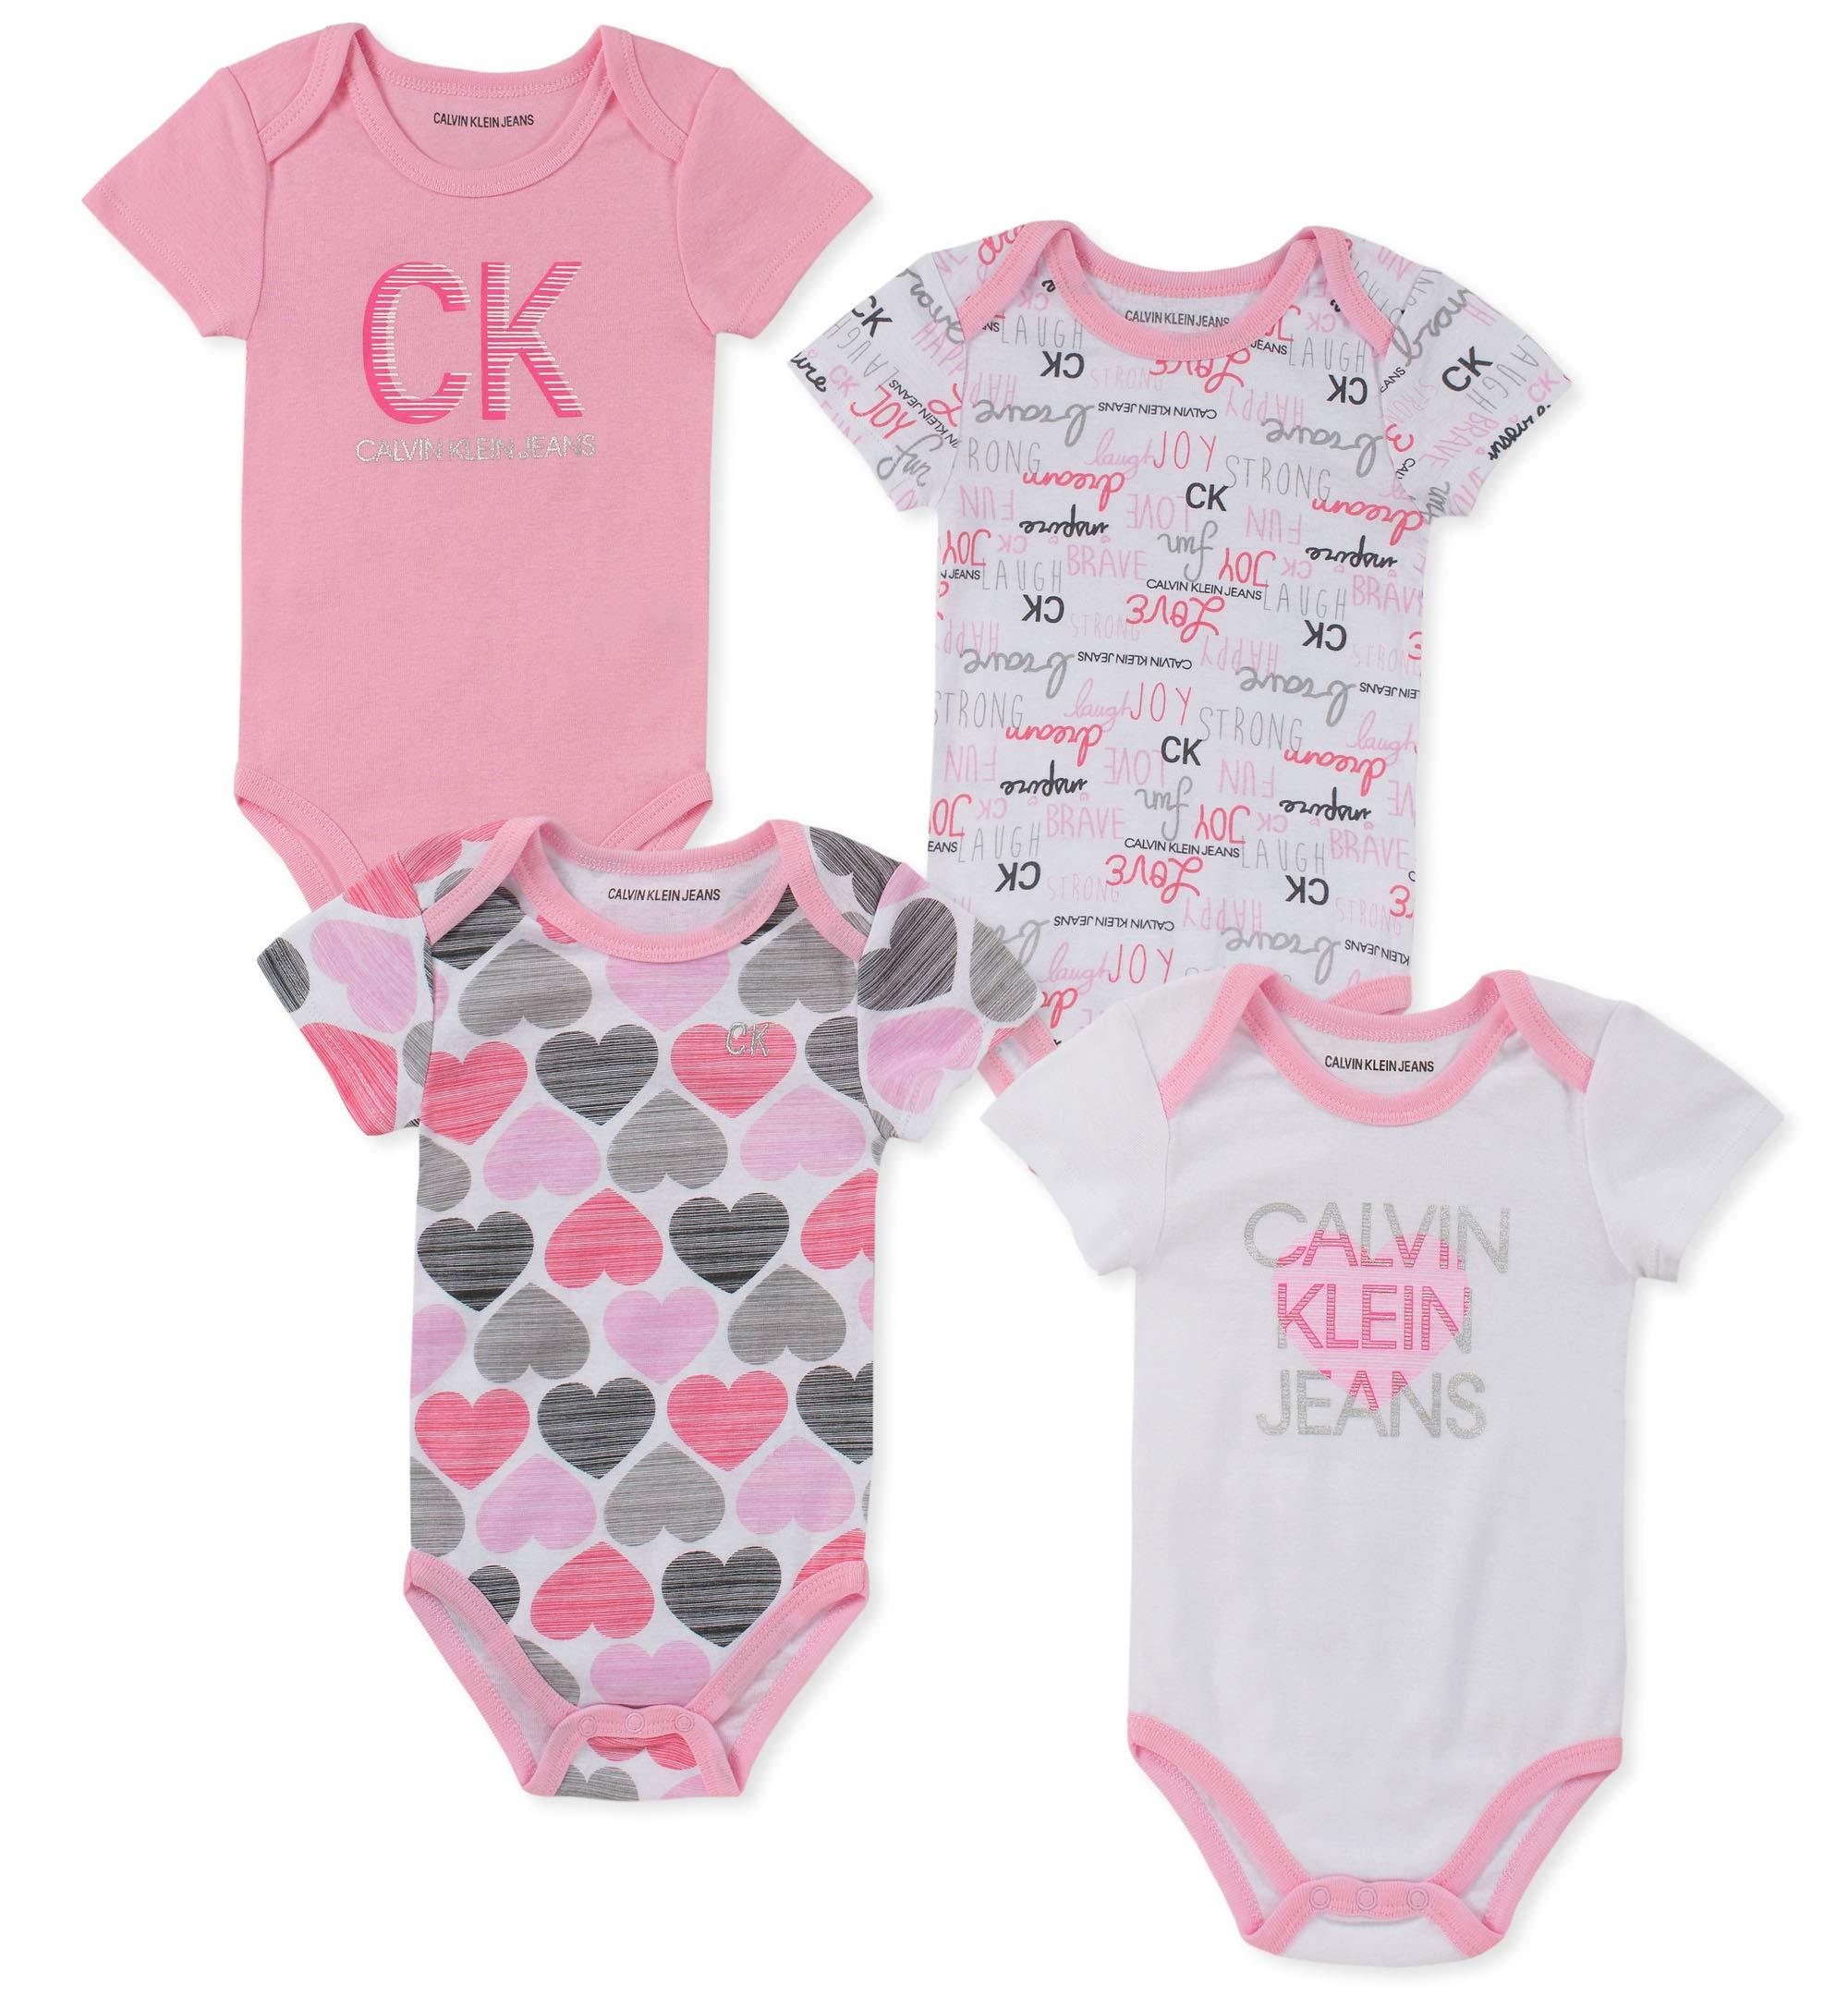 カルバンクライン女の赤ちゃんジャンプスーツ4ピースセット